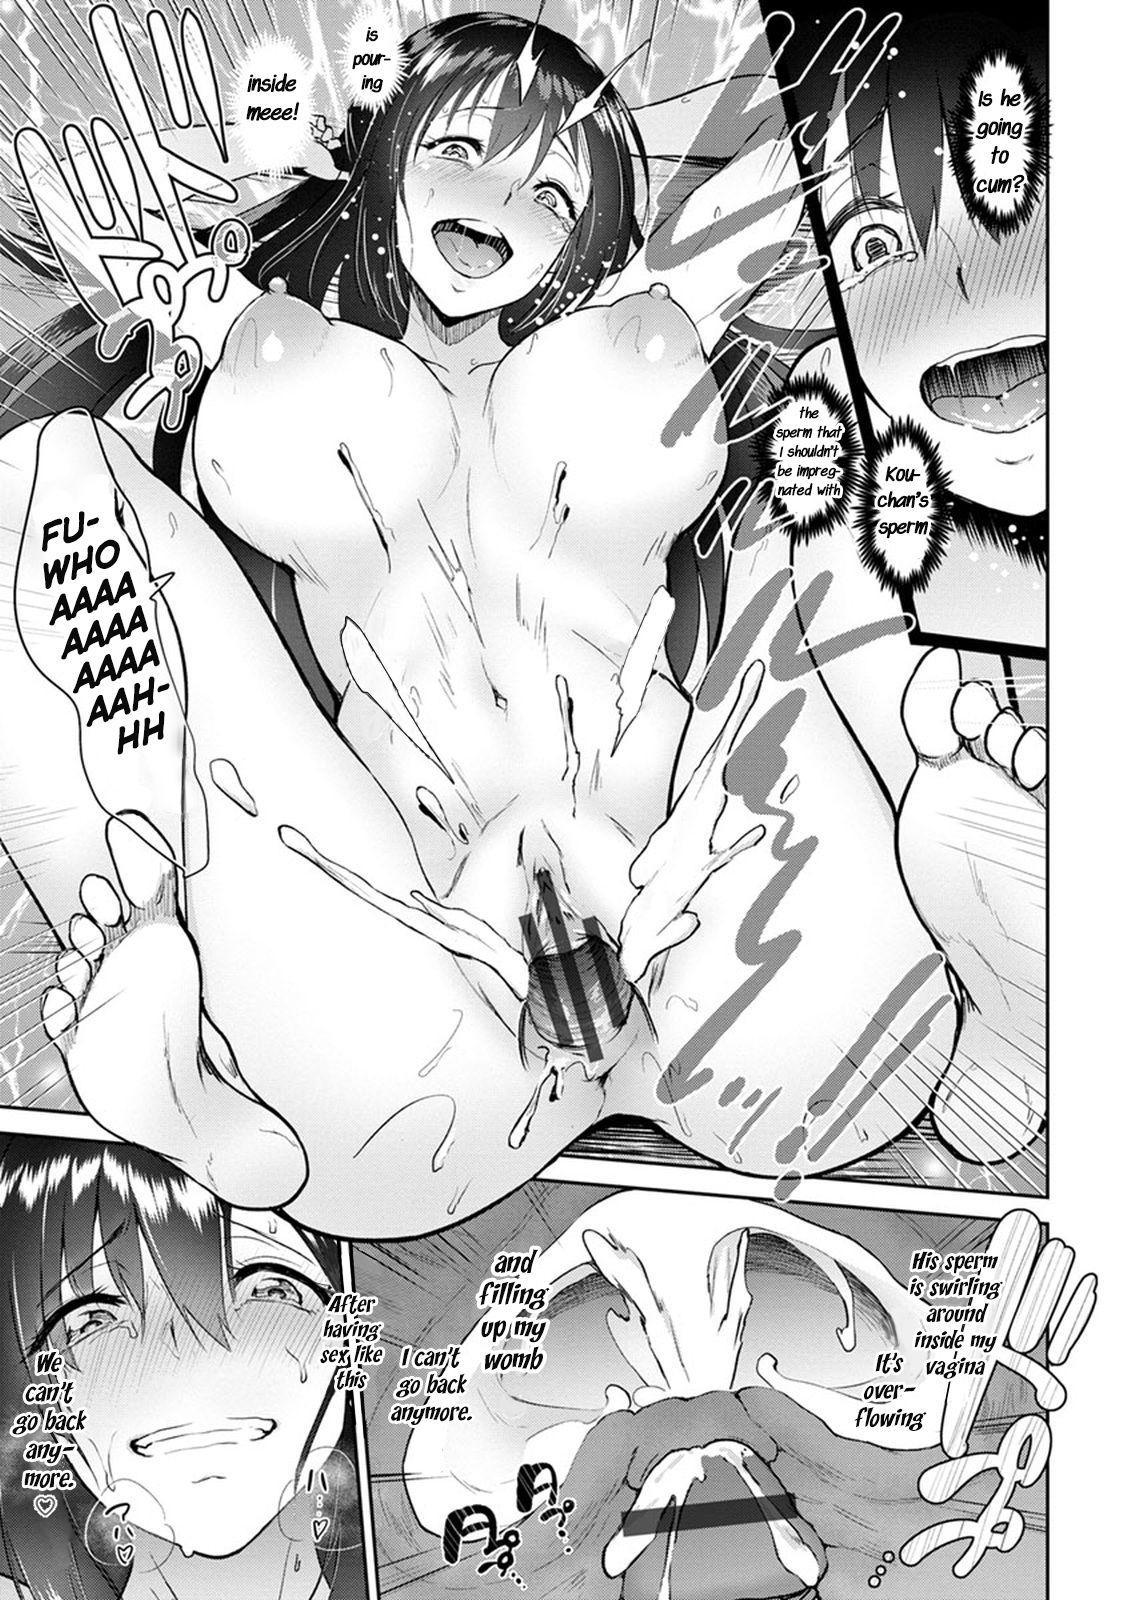 [bifidus] Yuri-nee to no Shujuu Kankei | Master and Slave relationship with Yuri-nee (Kimi o Sasou Uzuki Ana) [English] [Redlantern] [Digital] 16